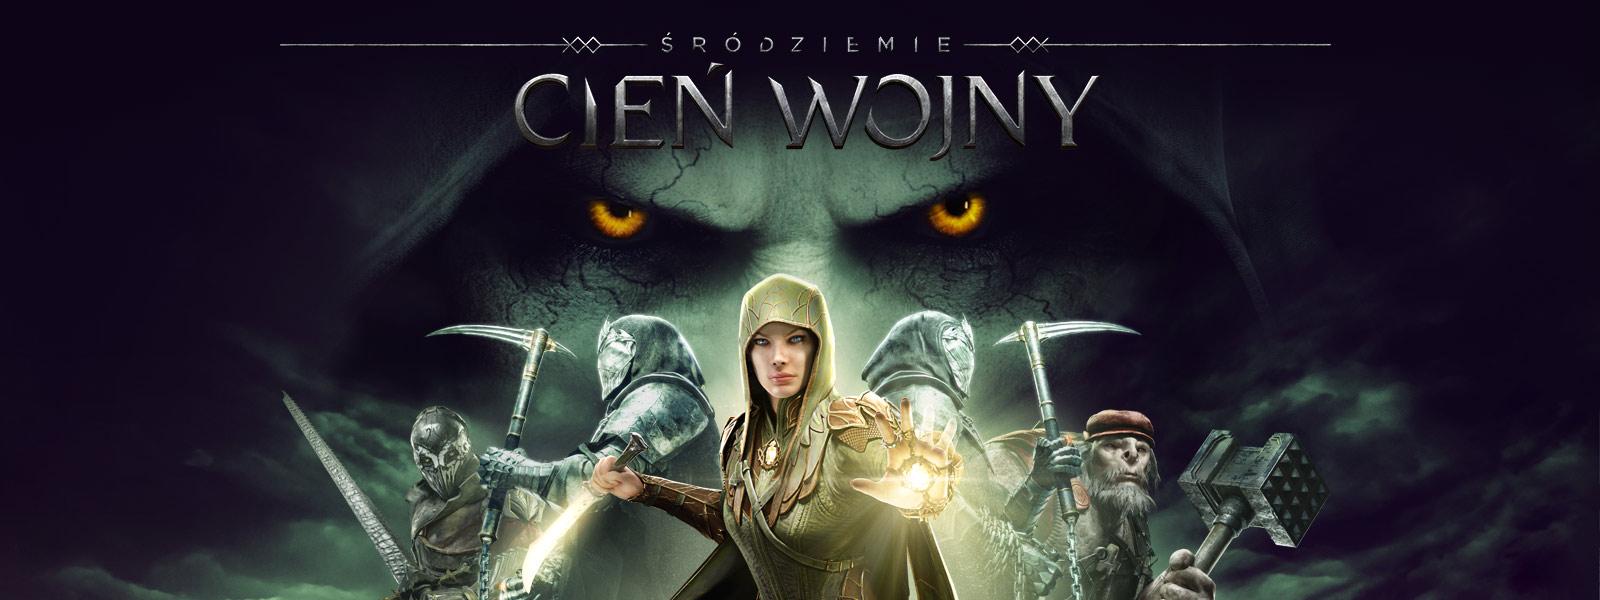 Śródziemie: Cień Wojny, Eltariel stoi przed 4 postaciami, spojrzenie dużych oczu powyżej